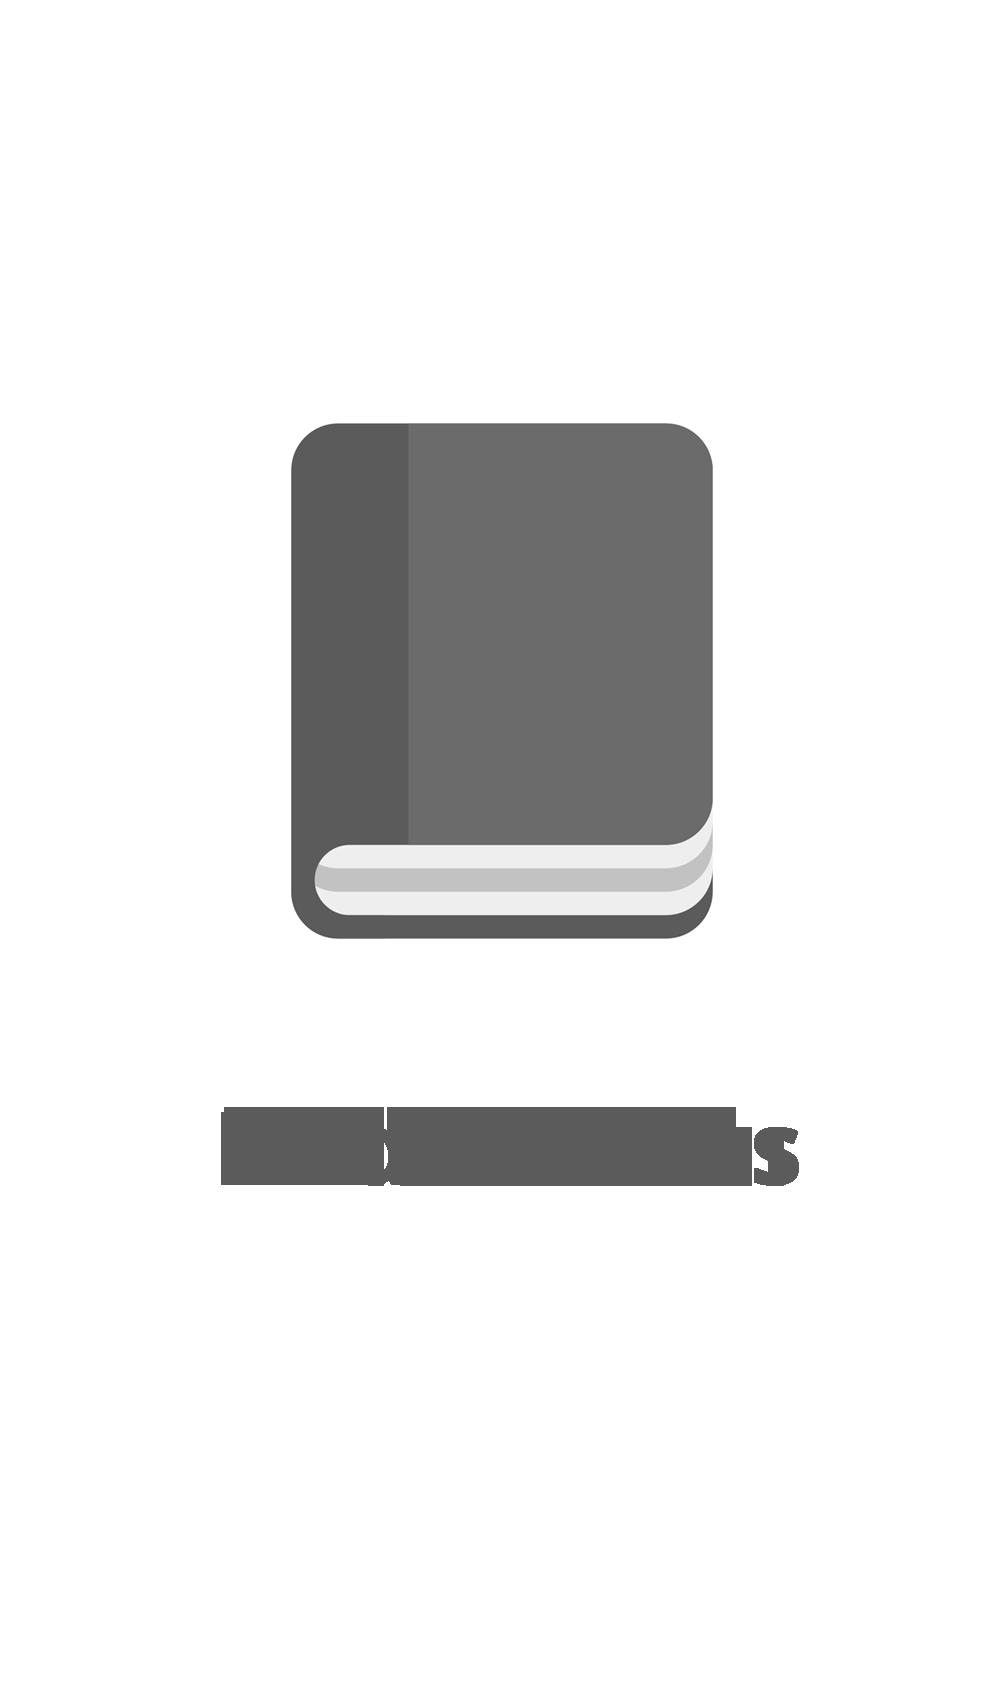 Sveriges Rikes Lag 2017 (klotband) : När du köper Sveriges Rikes Lag 2017 får du även tillgång till lagboken som app med riktig lagbokskänsla.